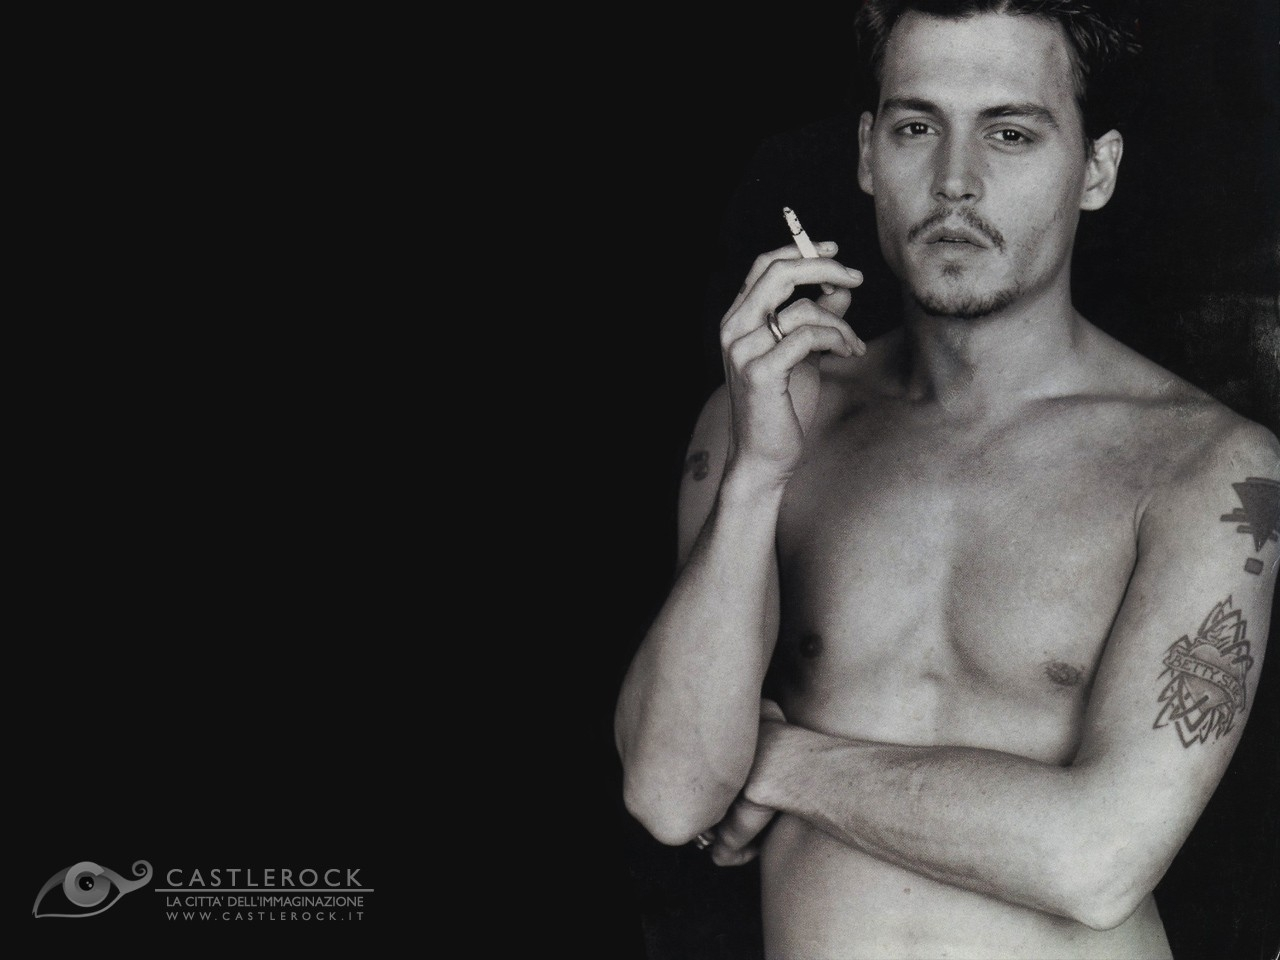 Wallpaper per l'attore Johnny Depp